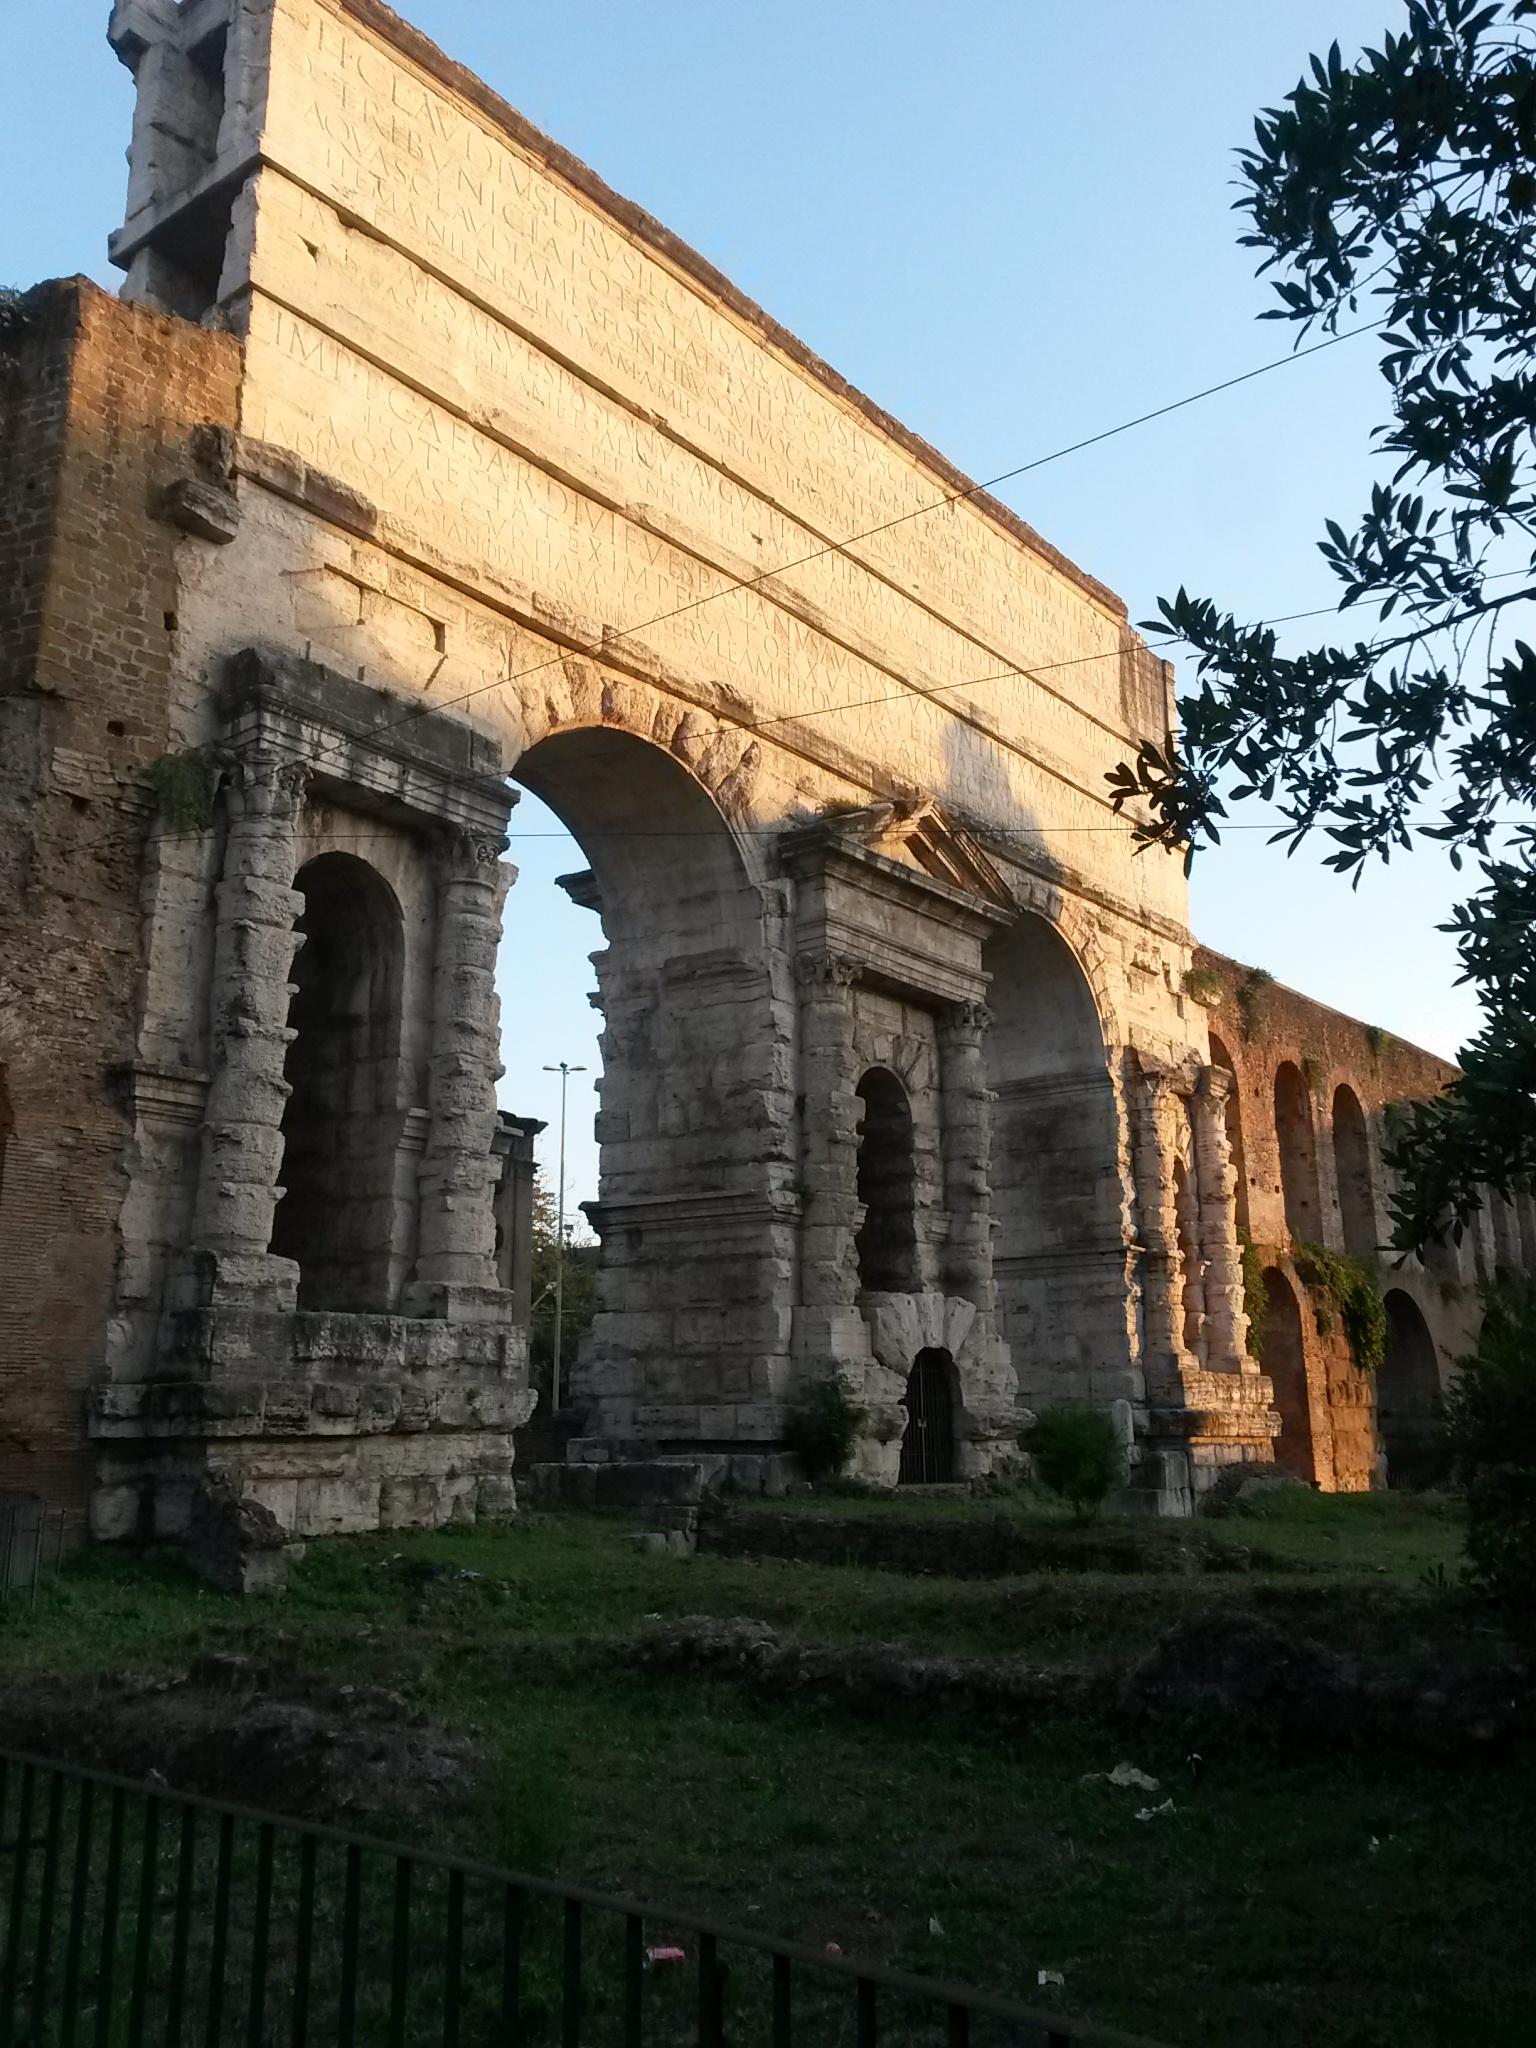 Porta maggiore tales from a tour guide for Porta maggiore